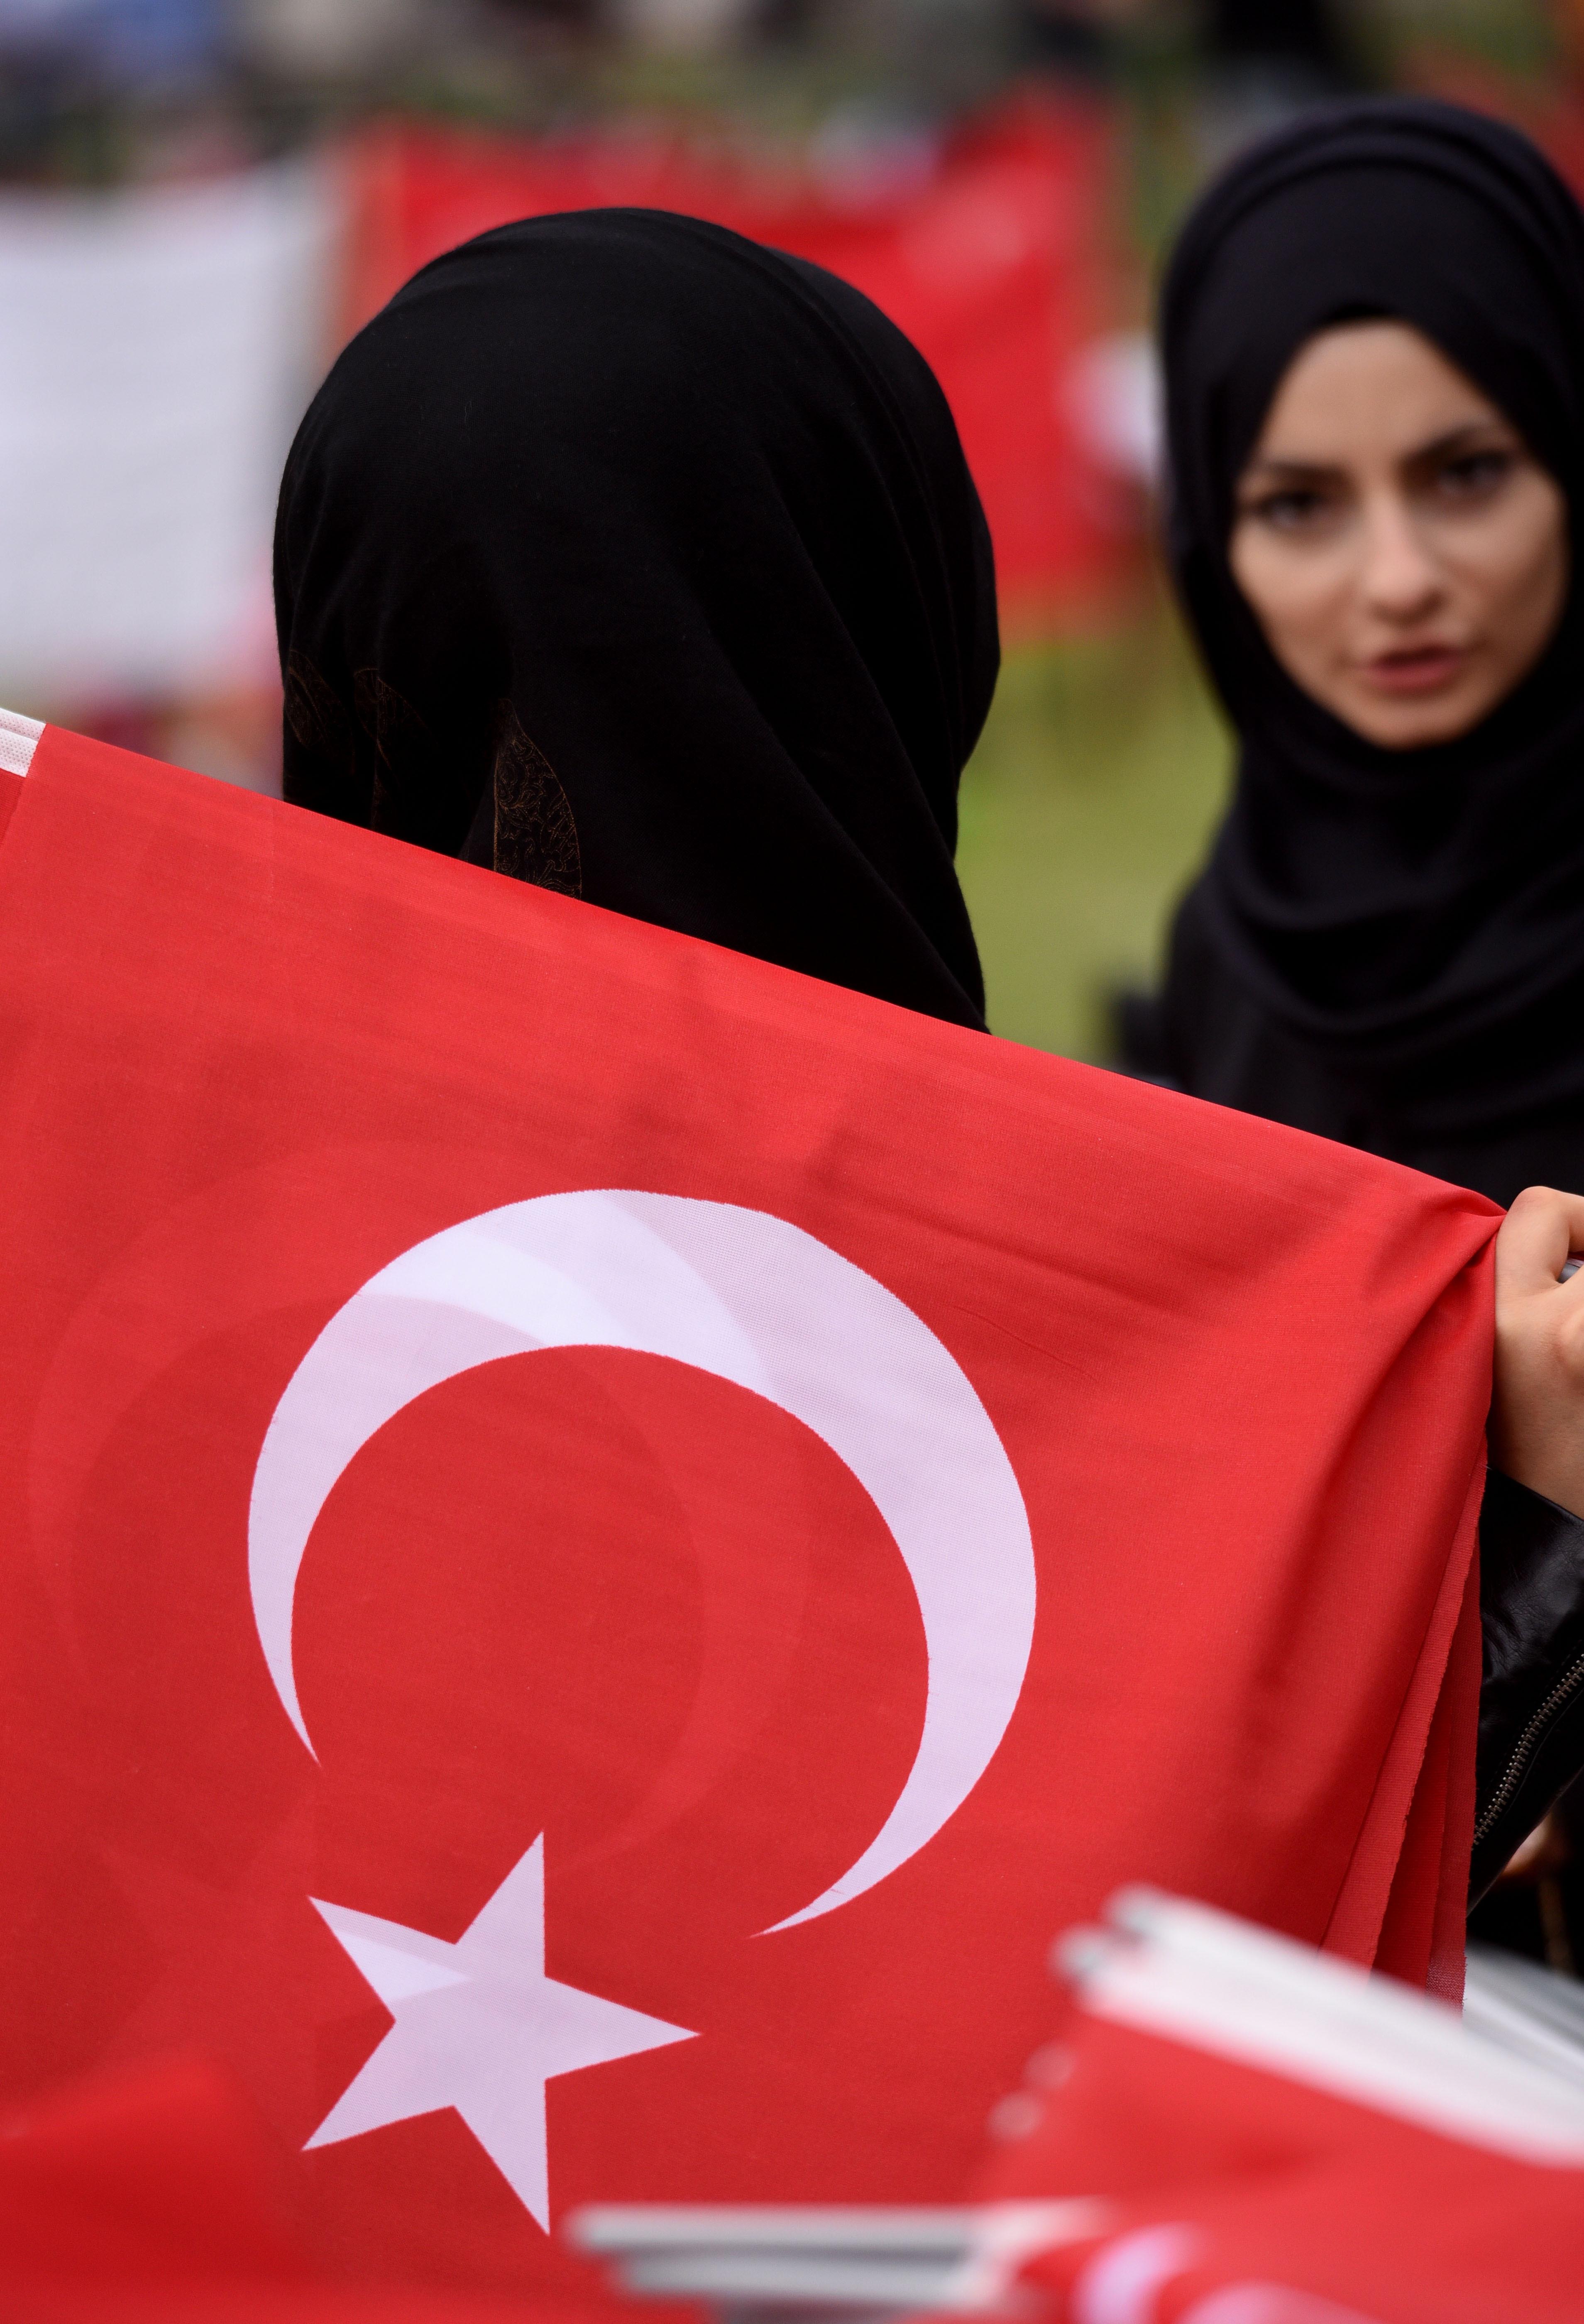 سيدتان تركيتان بالزي الإسلامي أثناء مظاهرات دعم أردوغان بمدينة كولون الألمانية